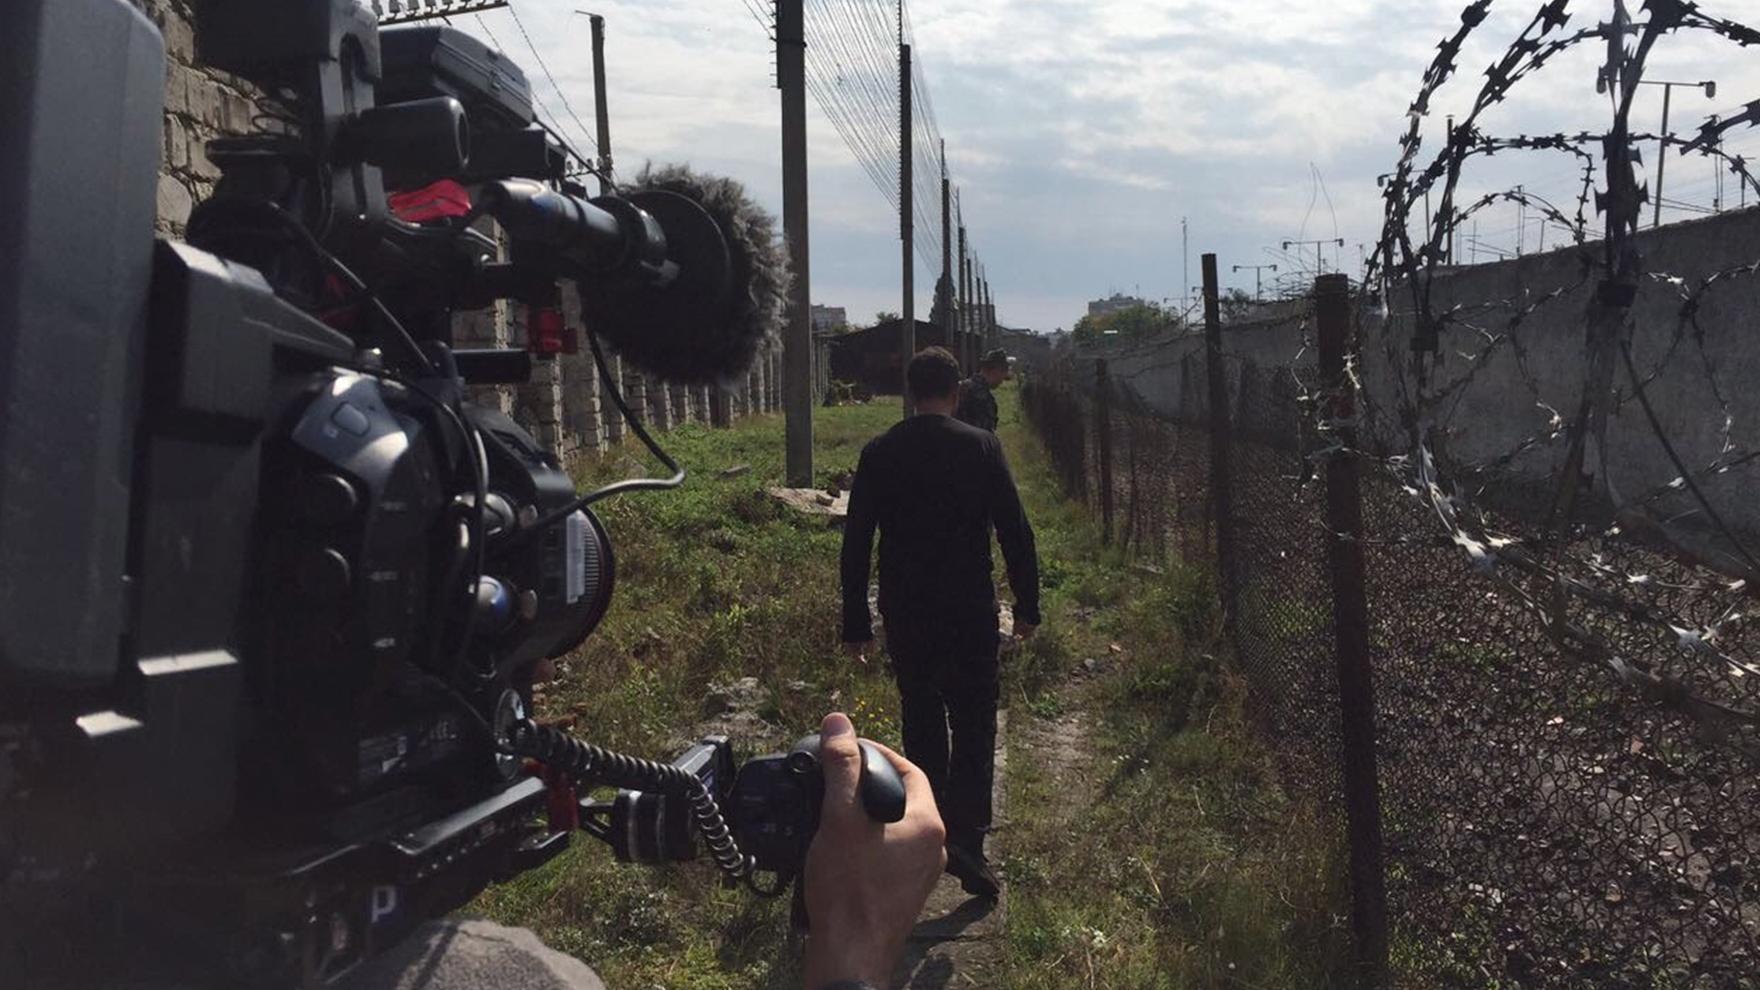 RR-walking-around-Ukraine-prison1